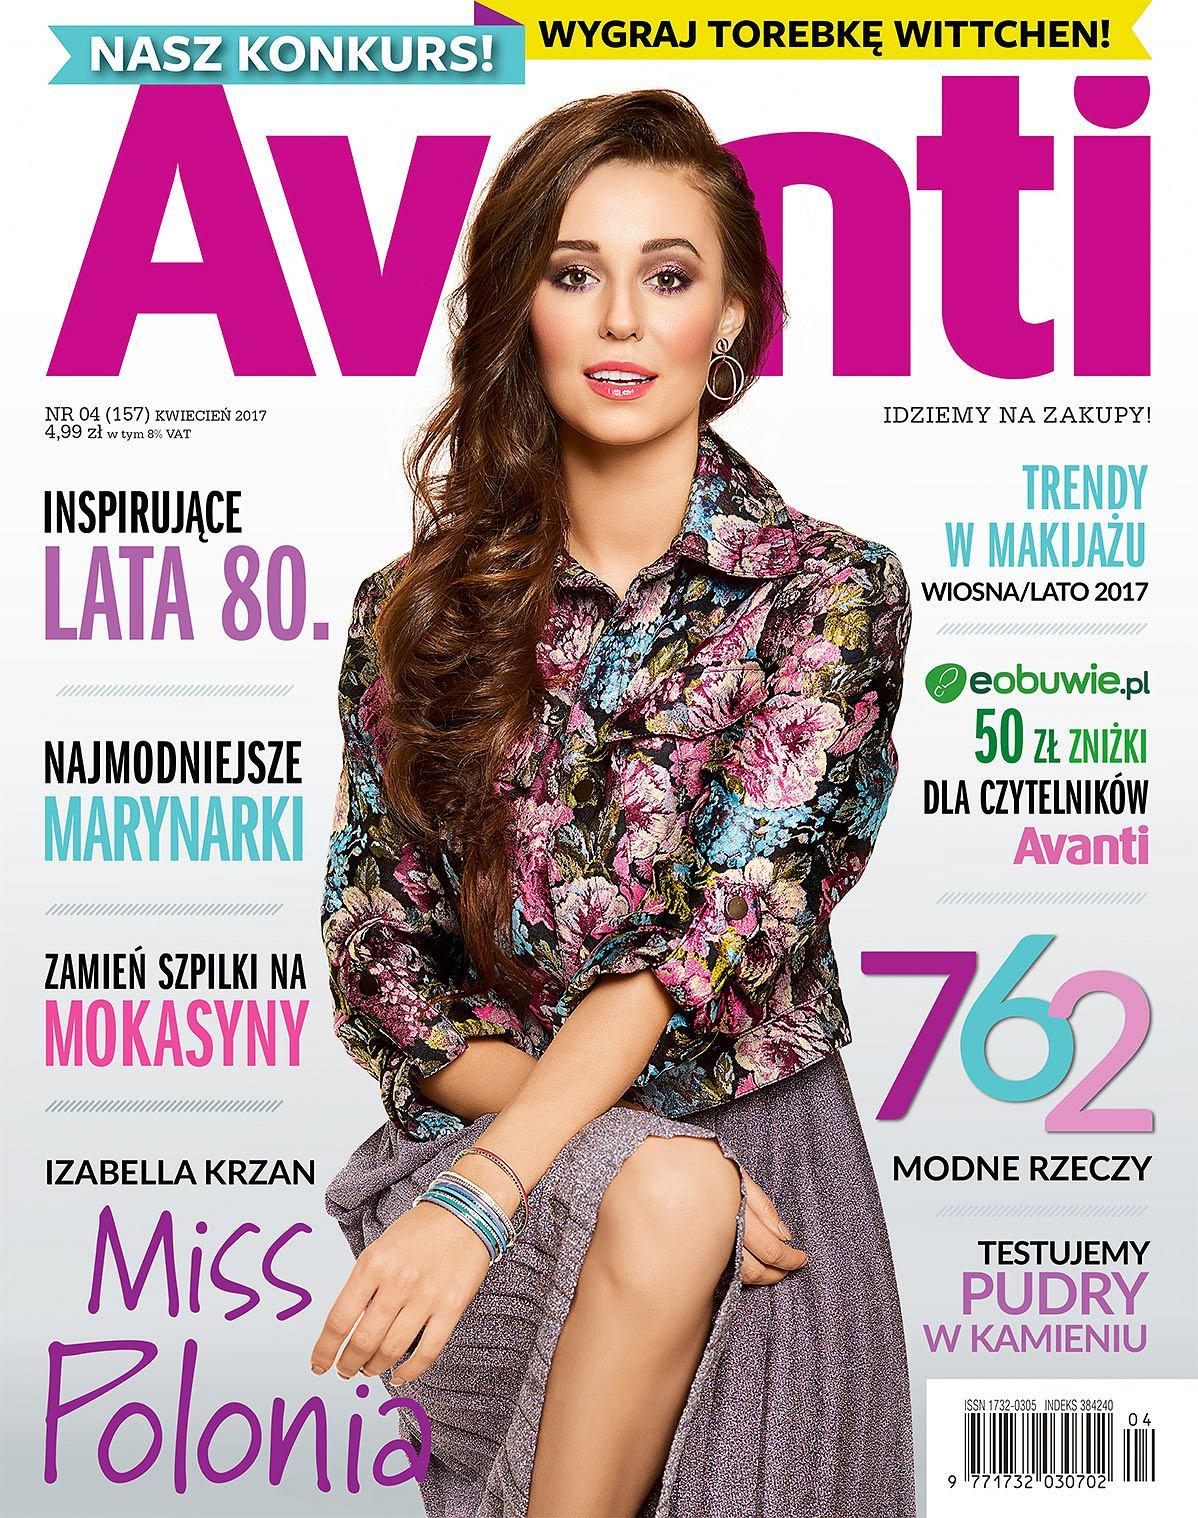 Miss Polonia Izabella Krzan na okładce kwietniowego Avanti